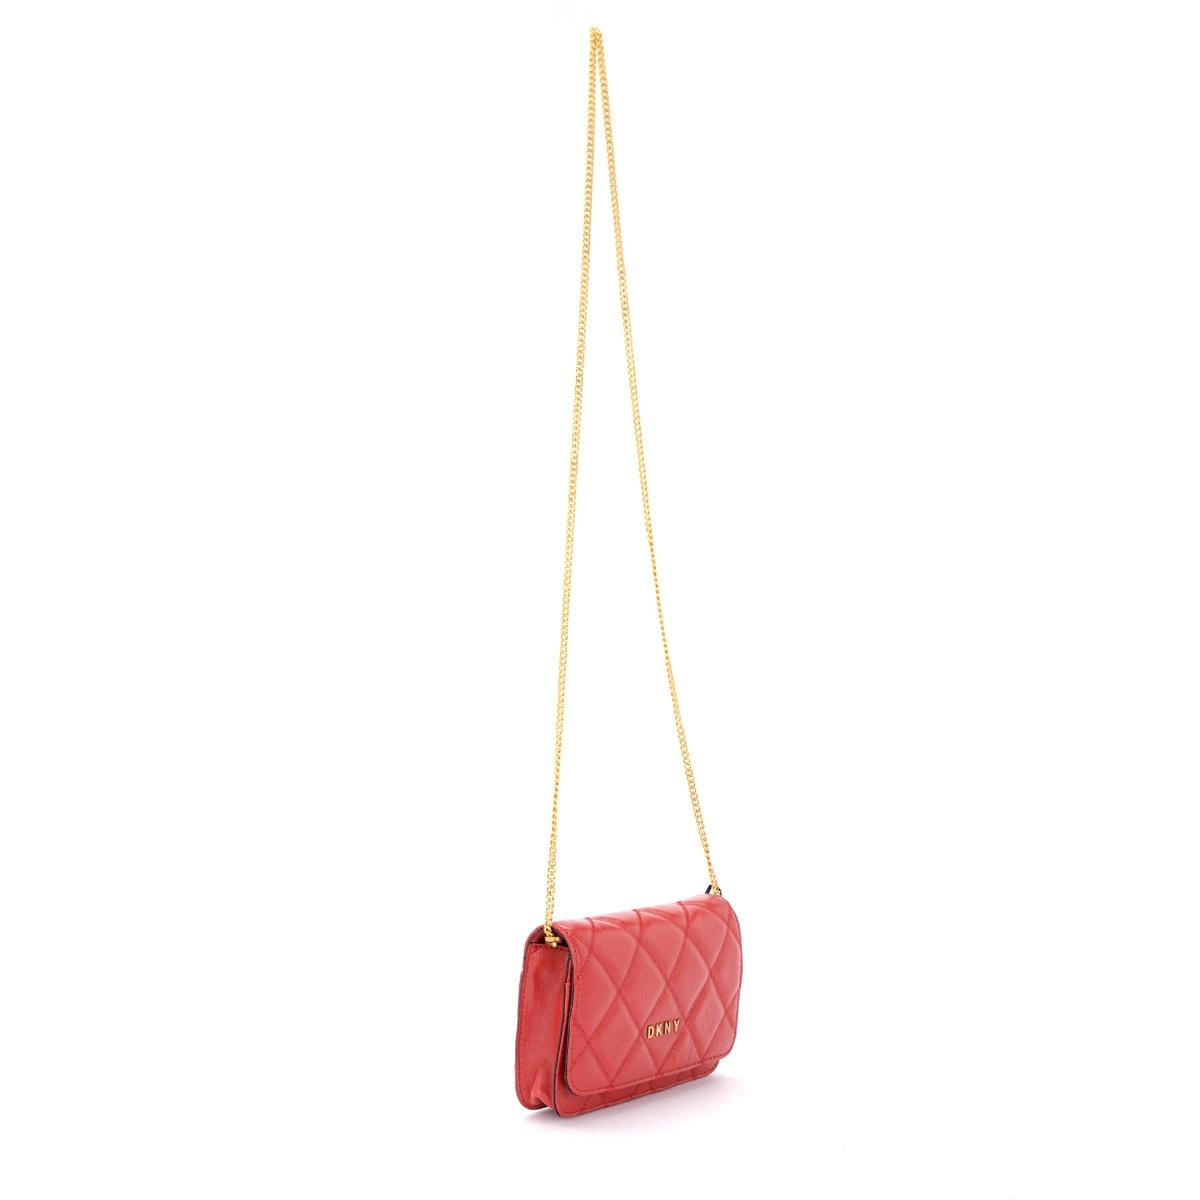 Dettagli su Borsa a tracolla DKNY Sofia in pelle rossa trapuntata